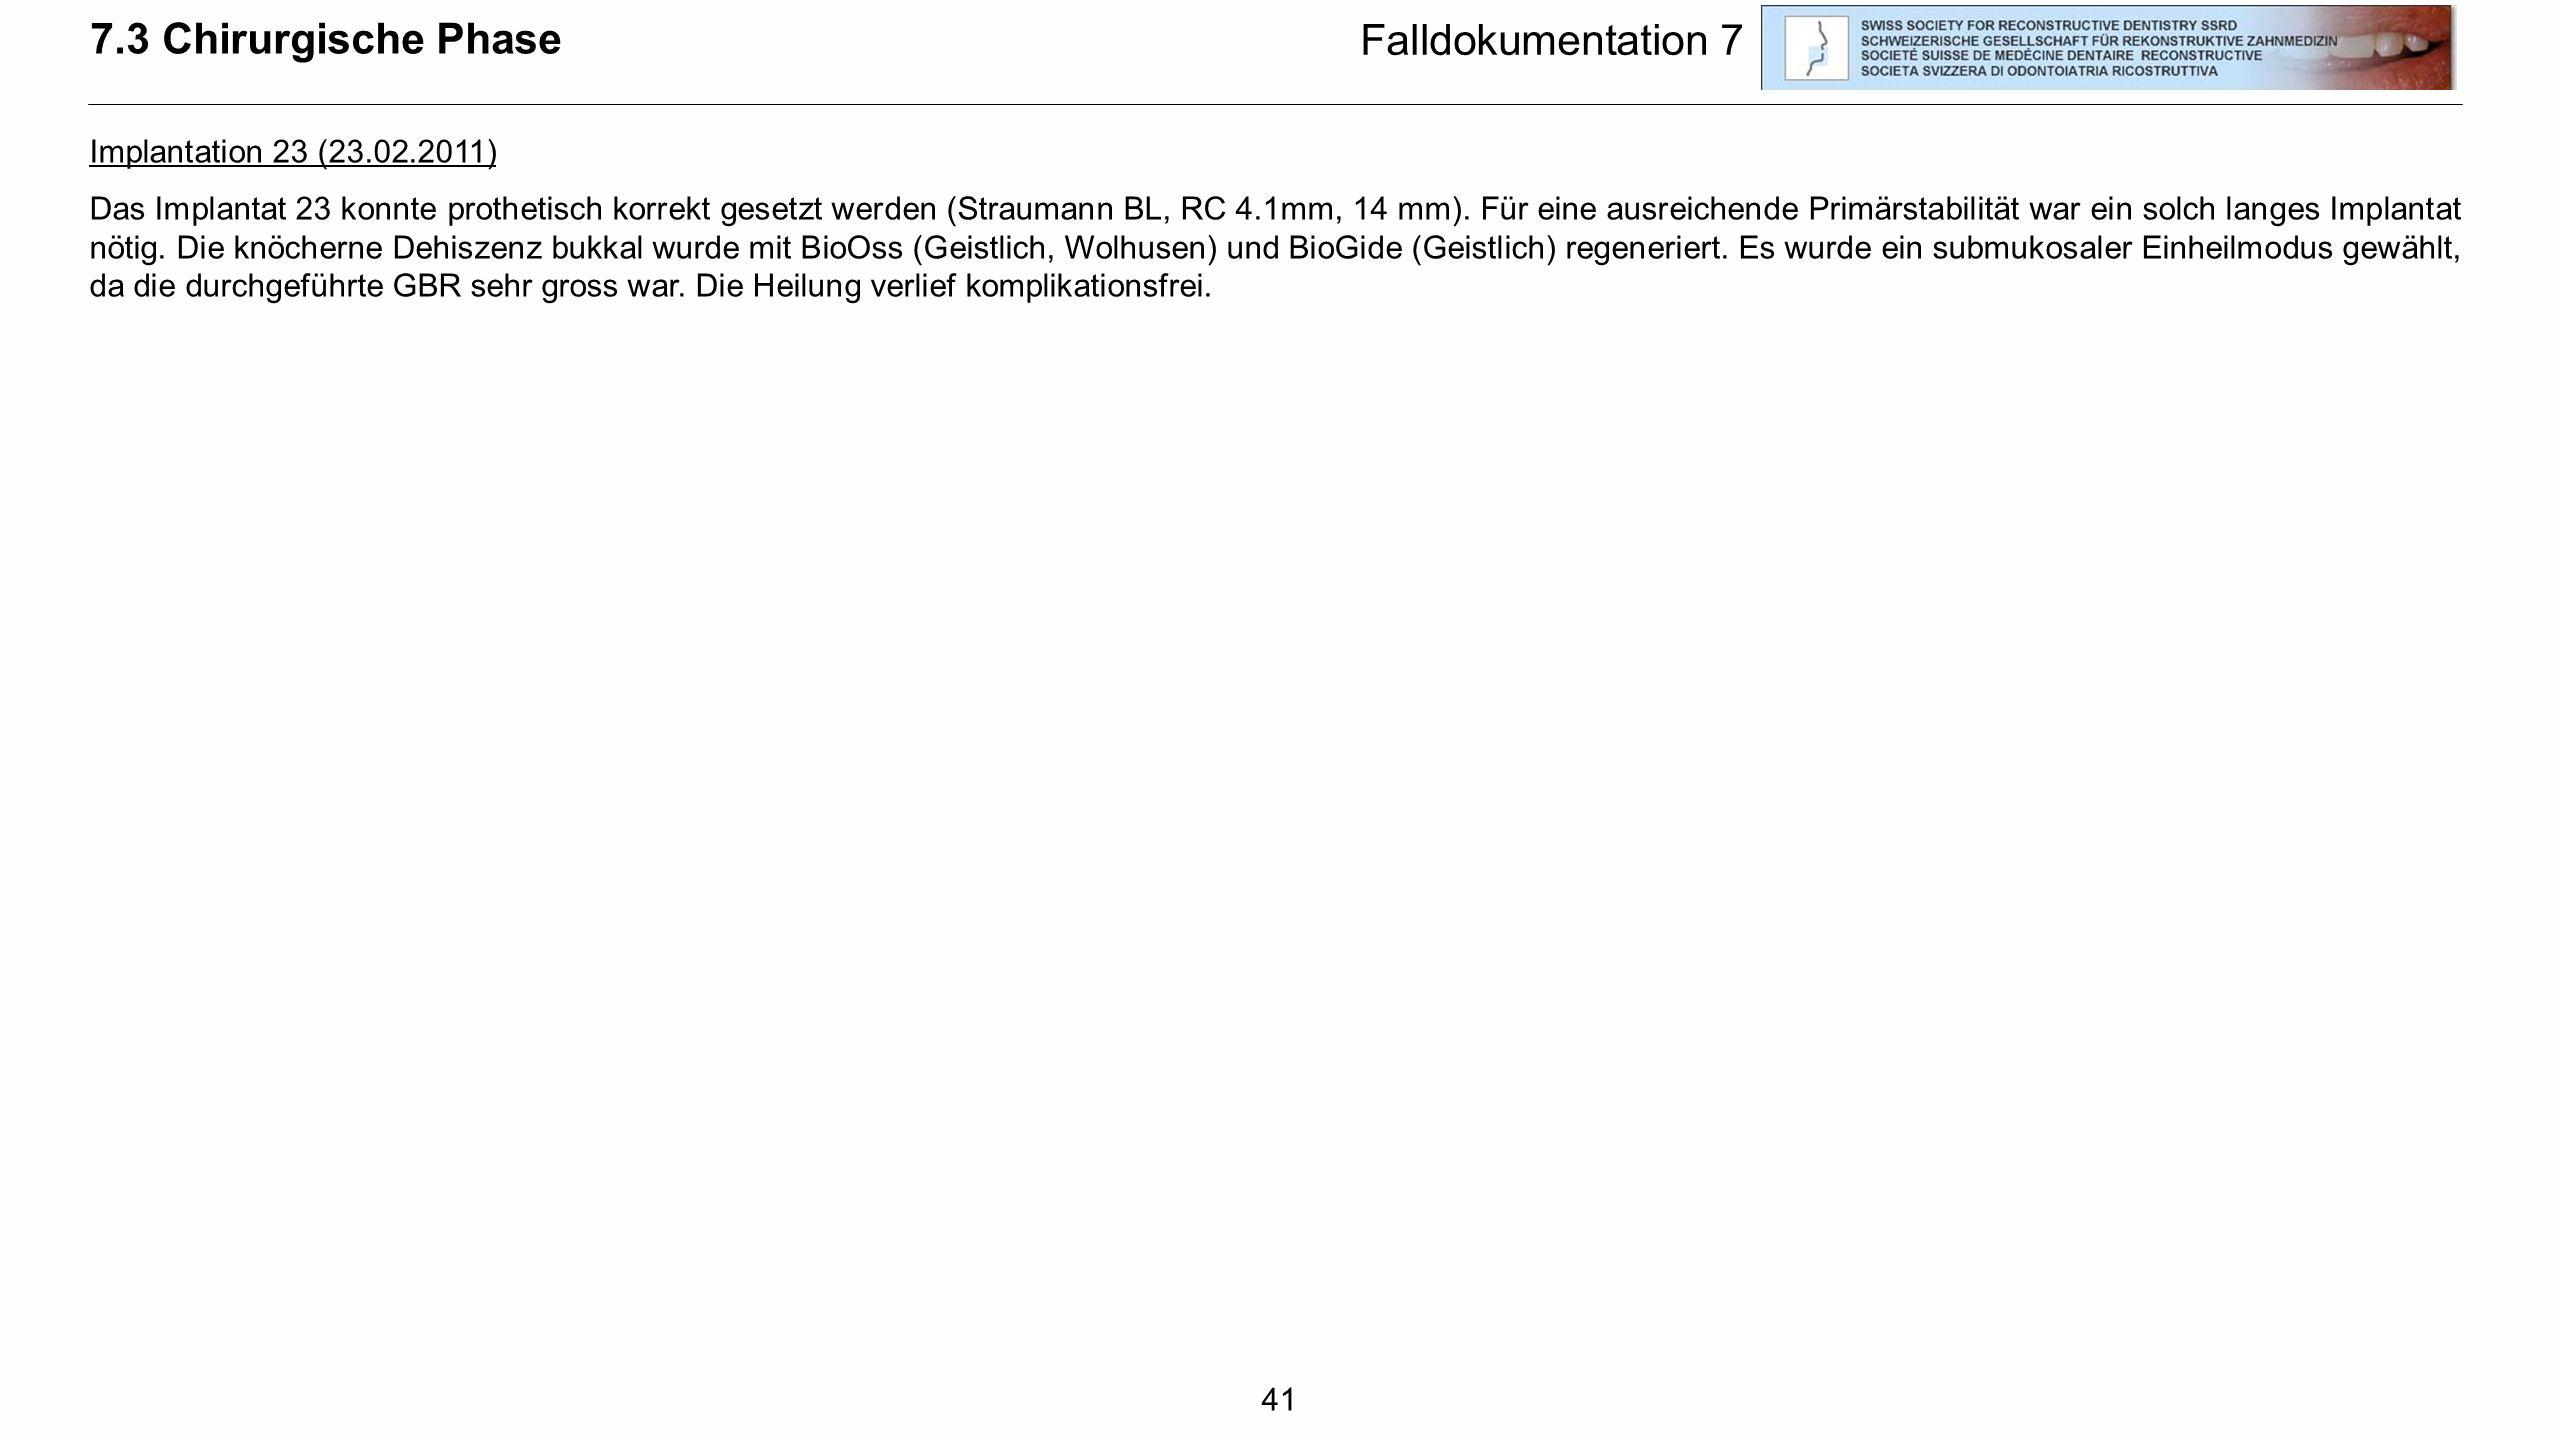 41 7.3 Chirurgische Phase Falldokumentation 7 Implantation 23 (23.02.2011) Das Implantat 23 konnte prothetisch korrekt gesetzt werden (Straumann BL, R